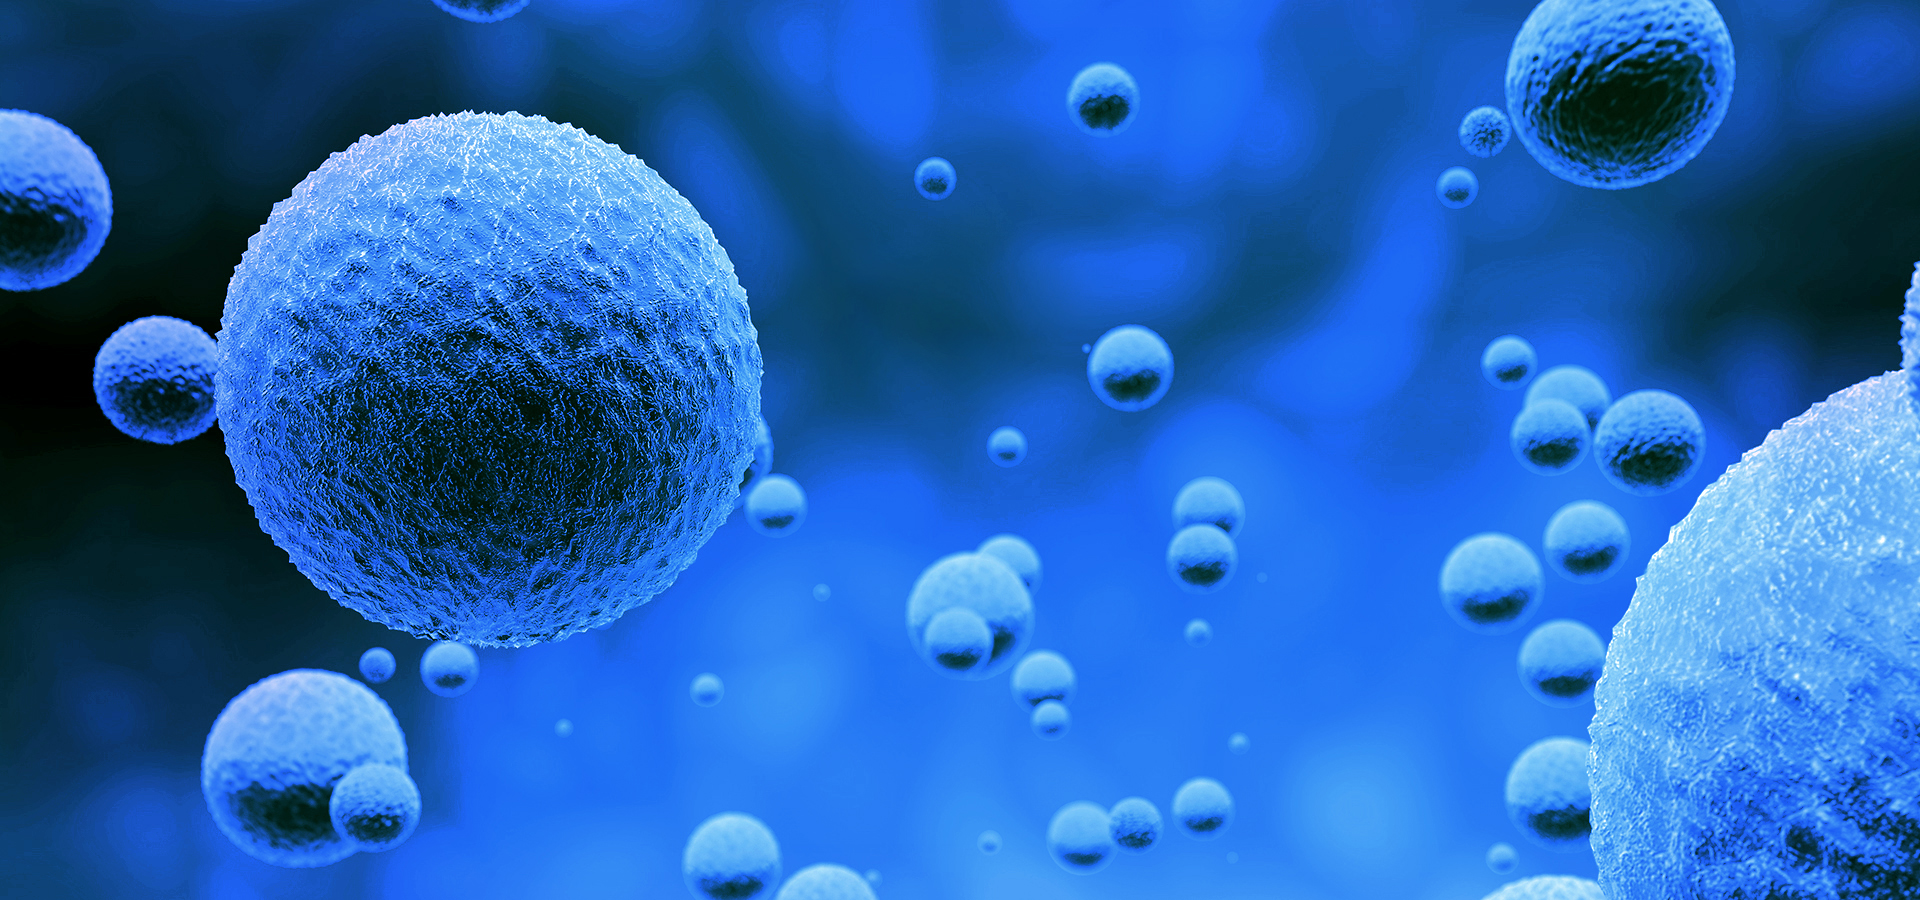 LIFE SCIENCES & HEALTHCARE